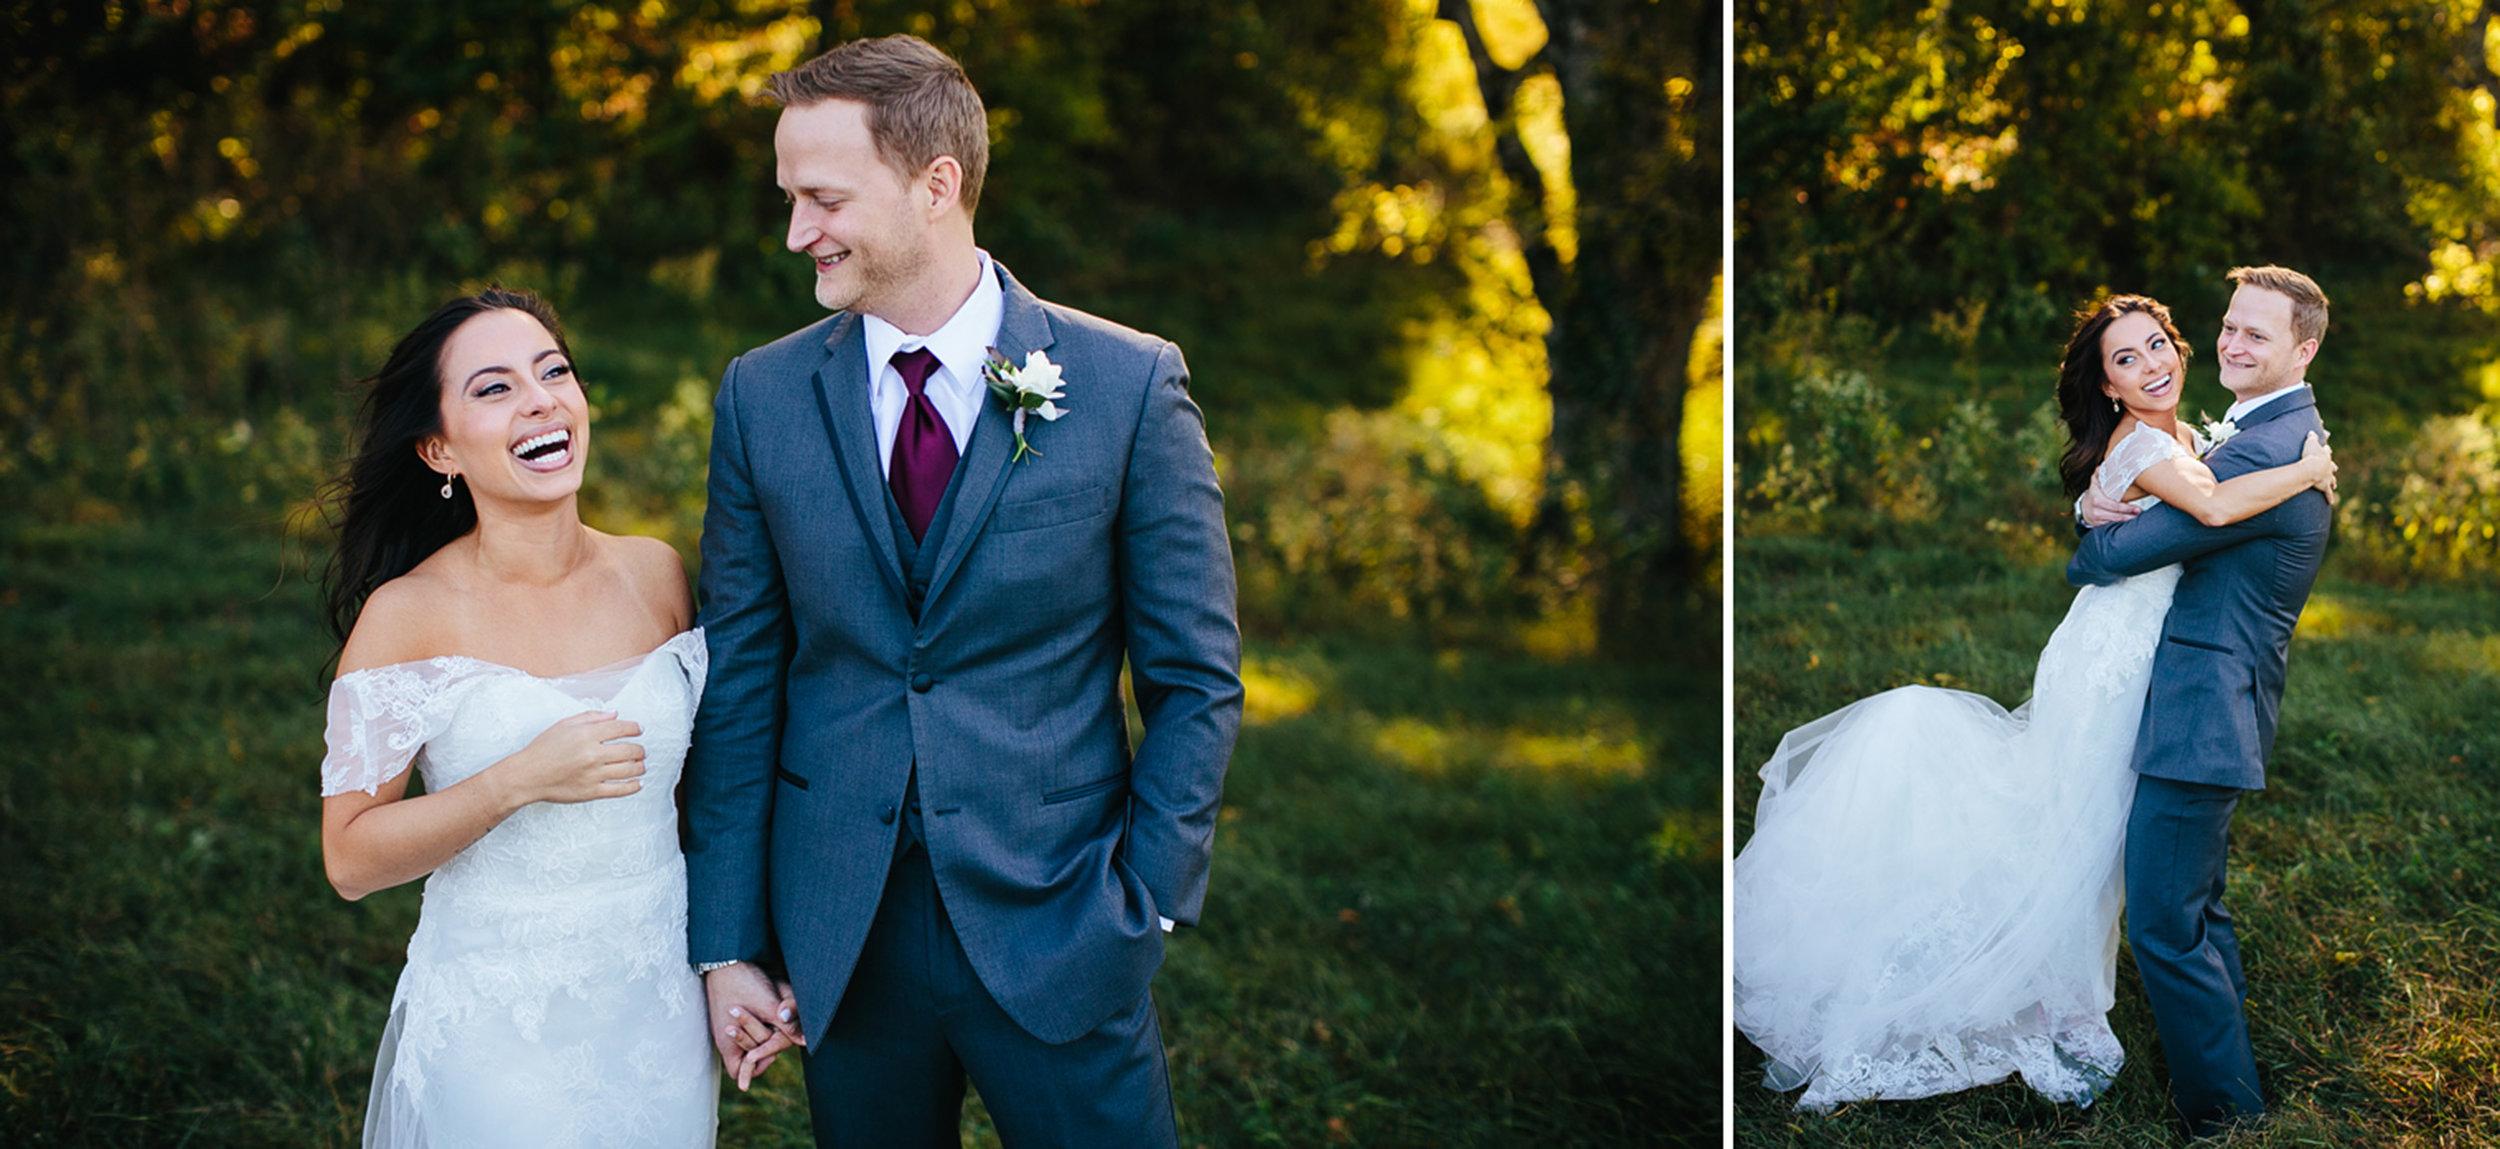 Nashville_WeddingPhotographer_010.jpg